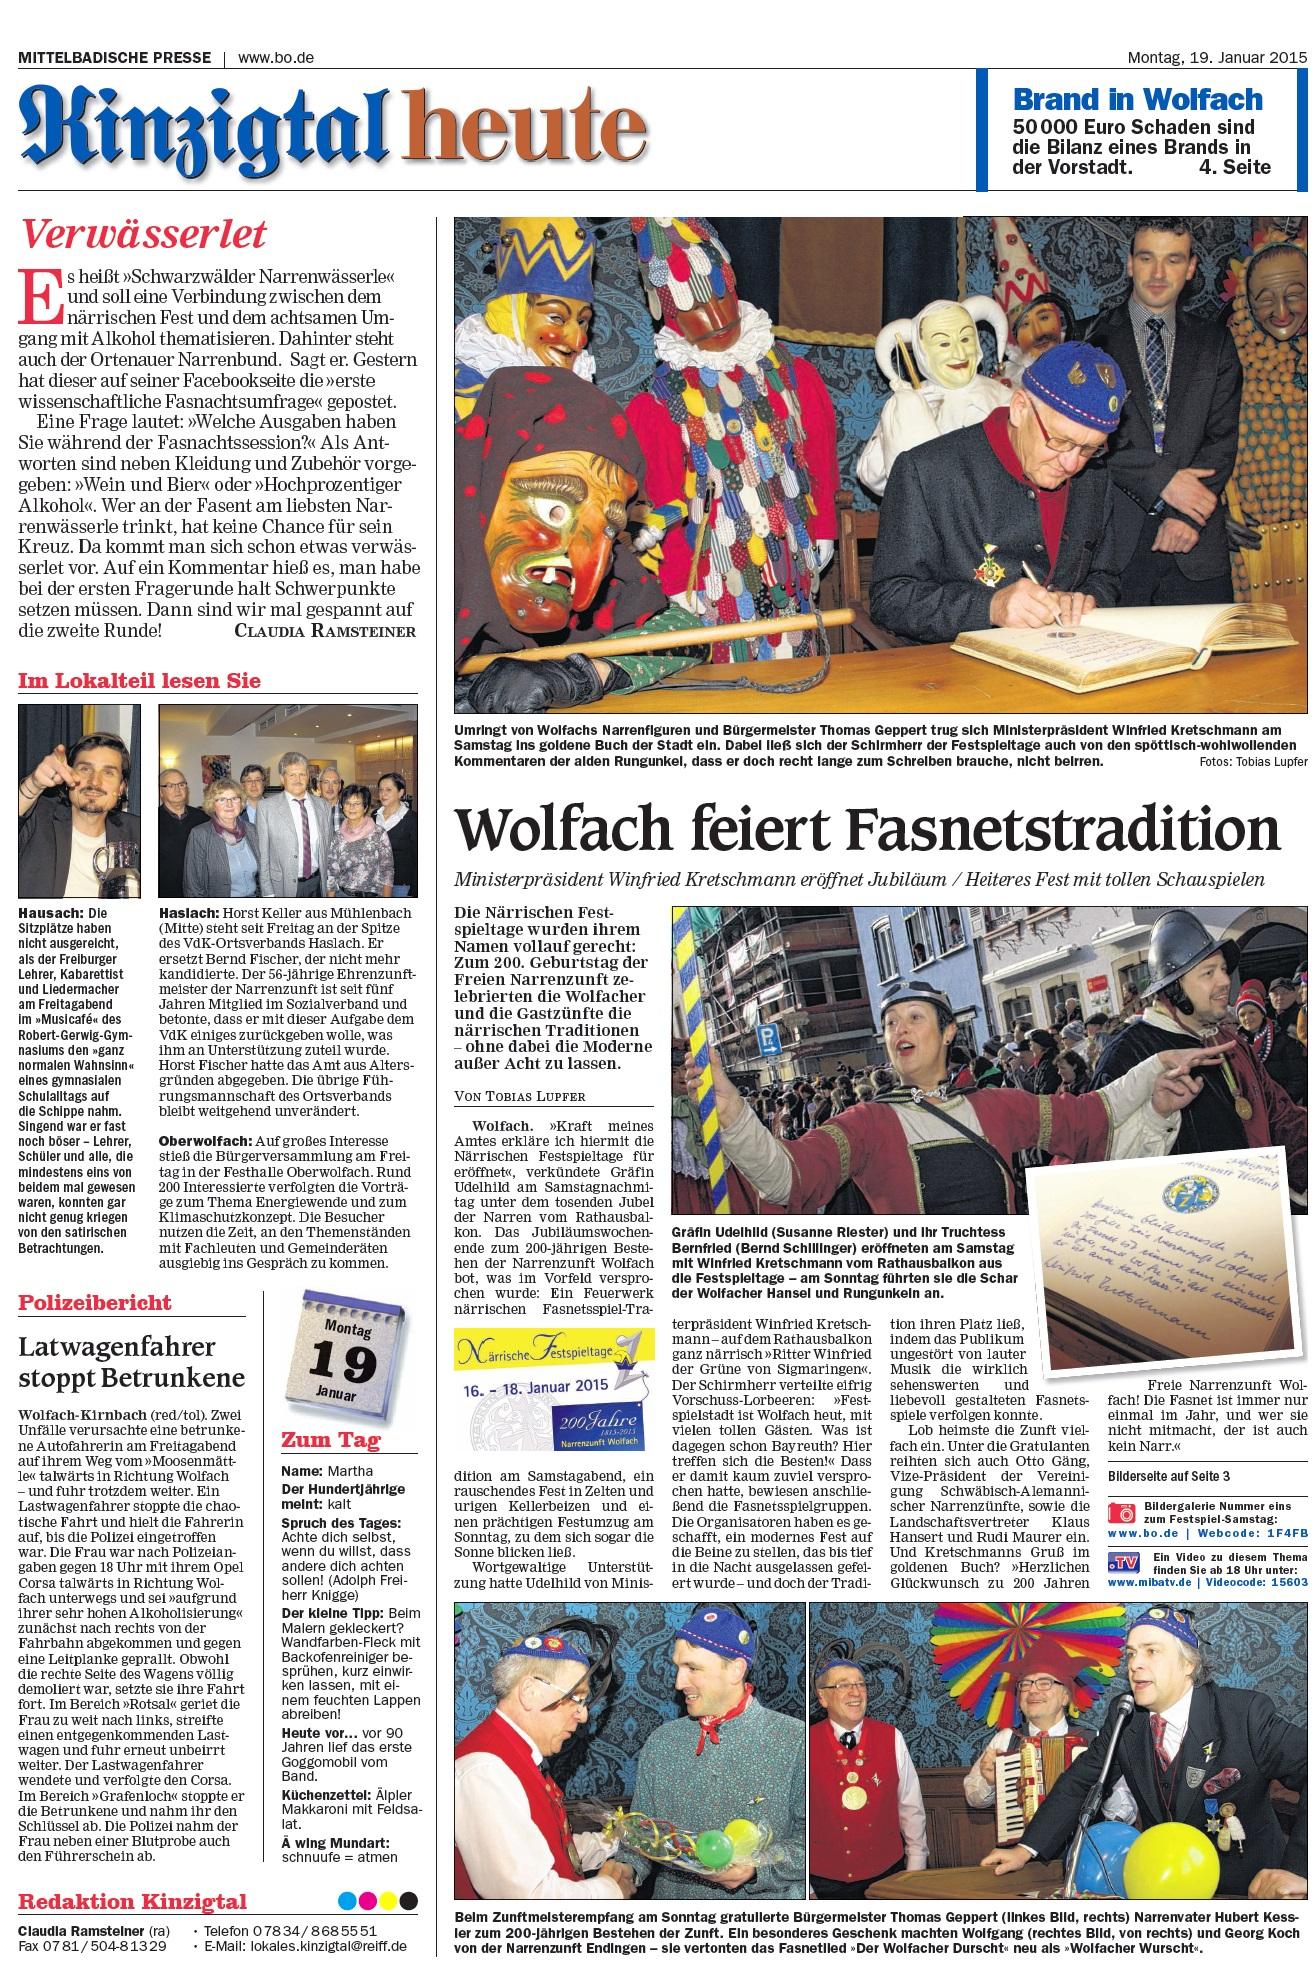 Offenburger Tageblatt  (2015-01-19a_OT)